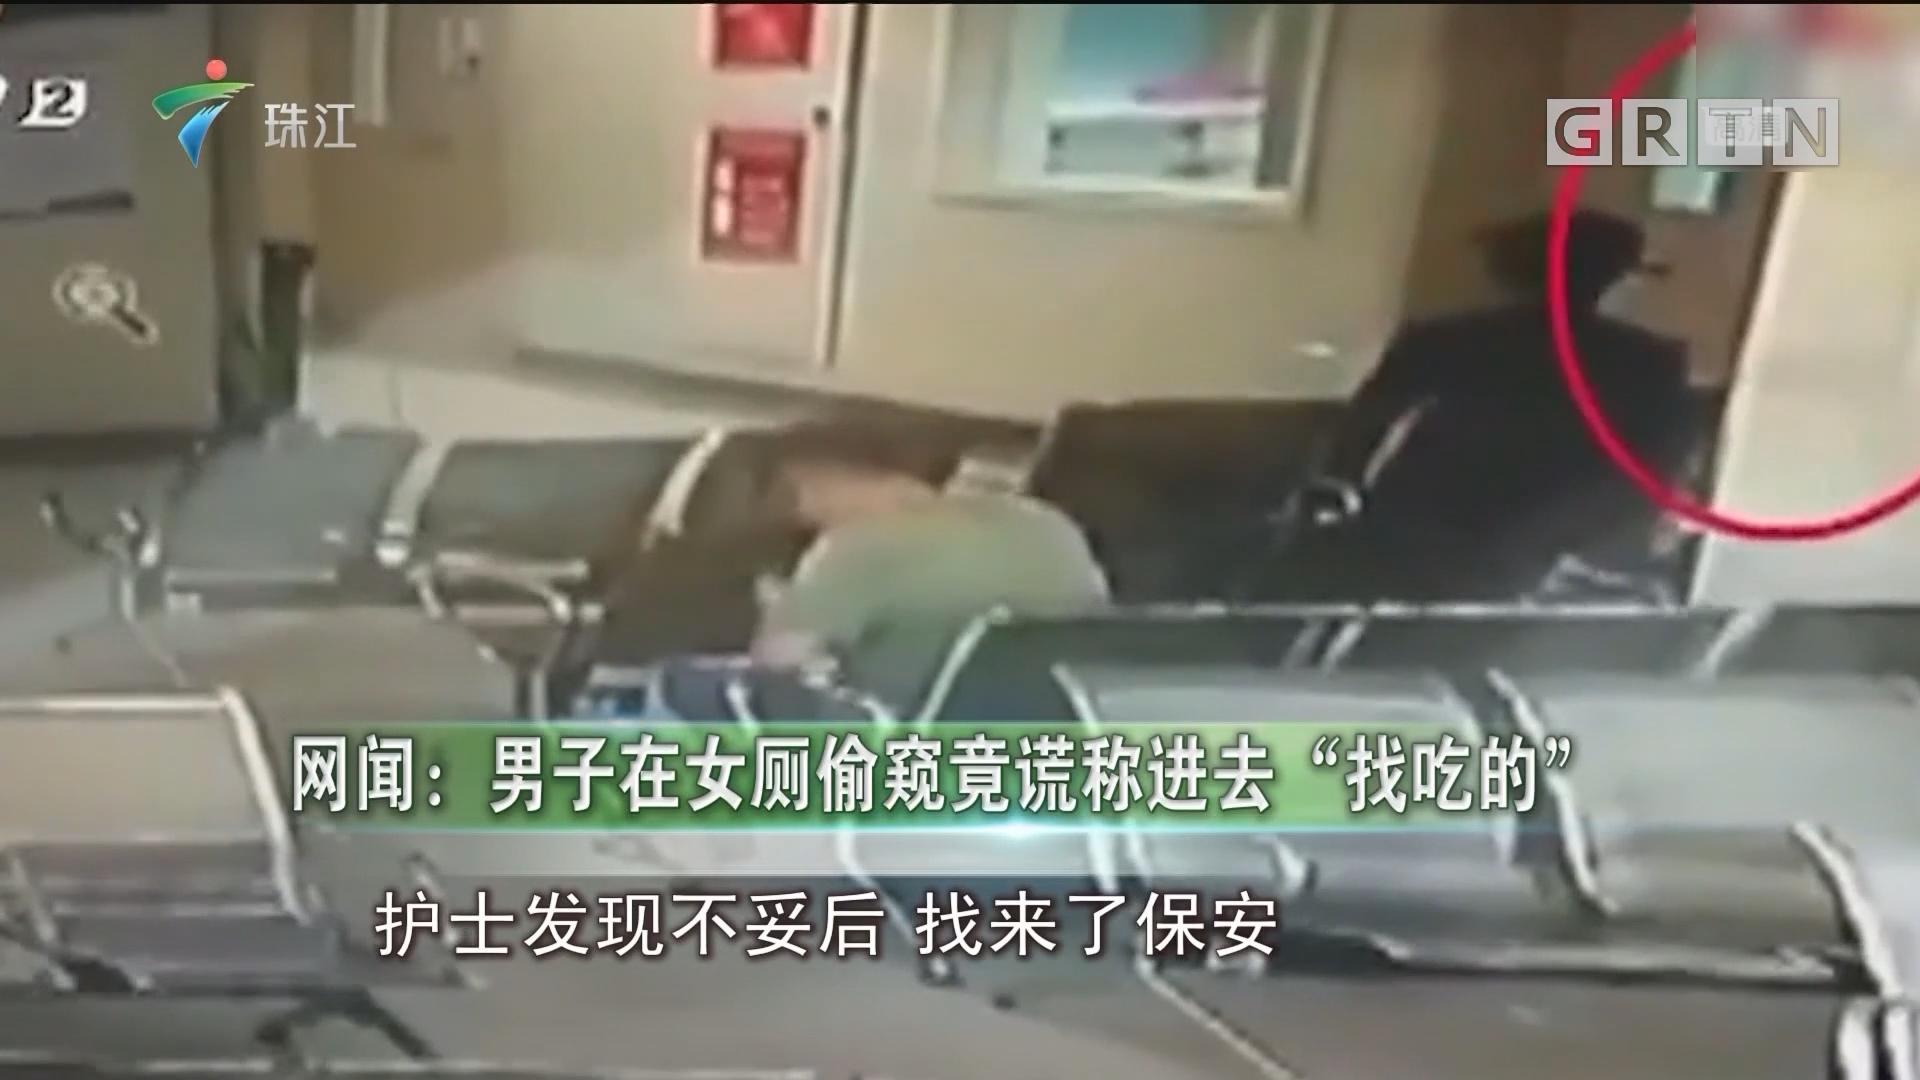 """网闻:男子在女厕偷窥竟谎称进去""""找吃的"""""""